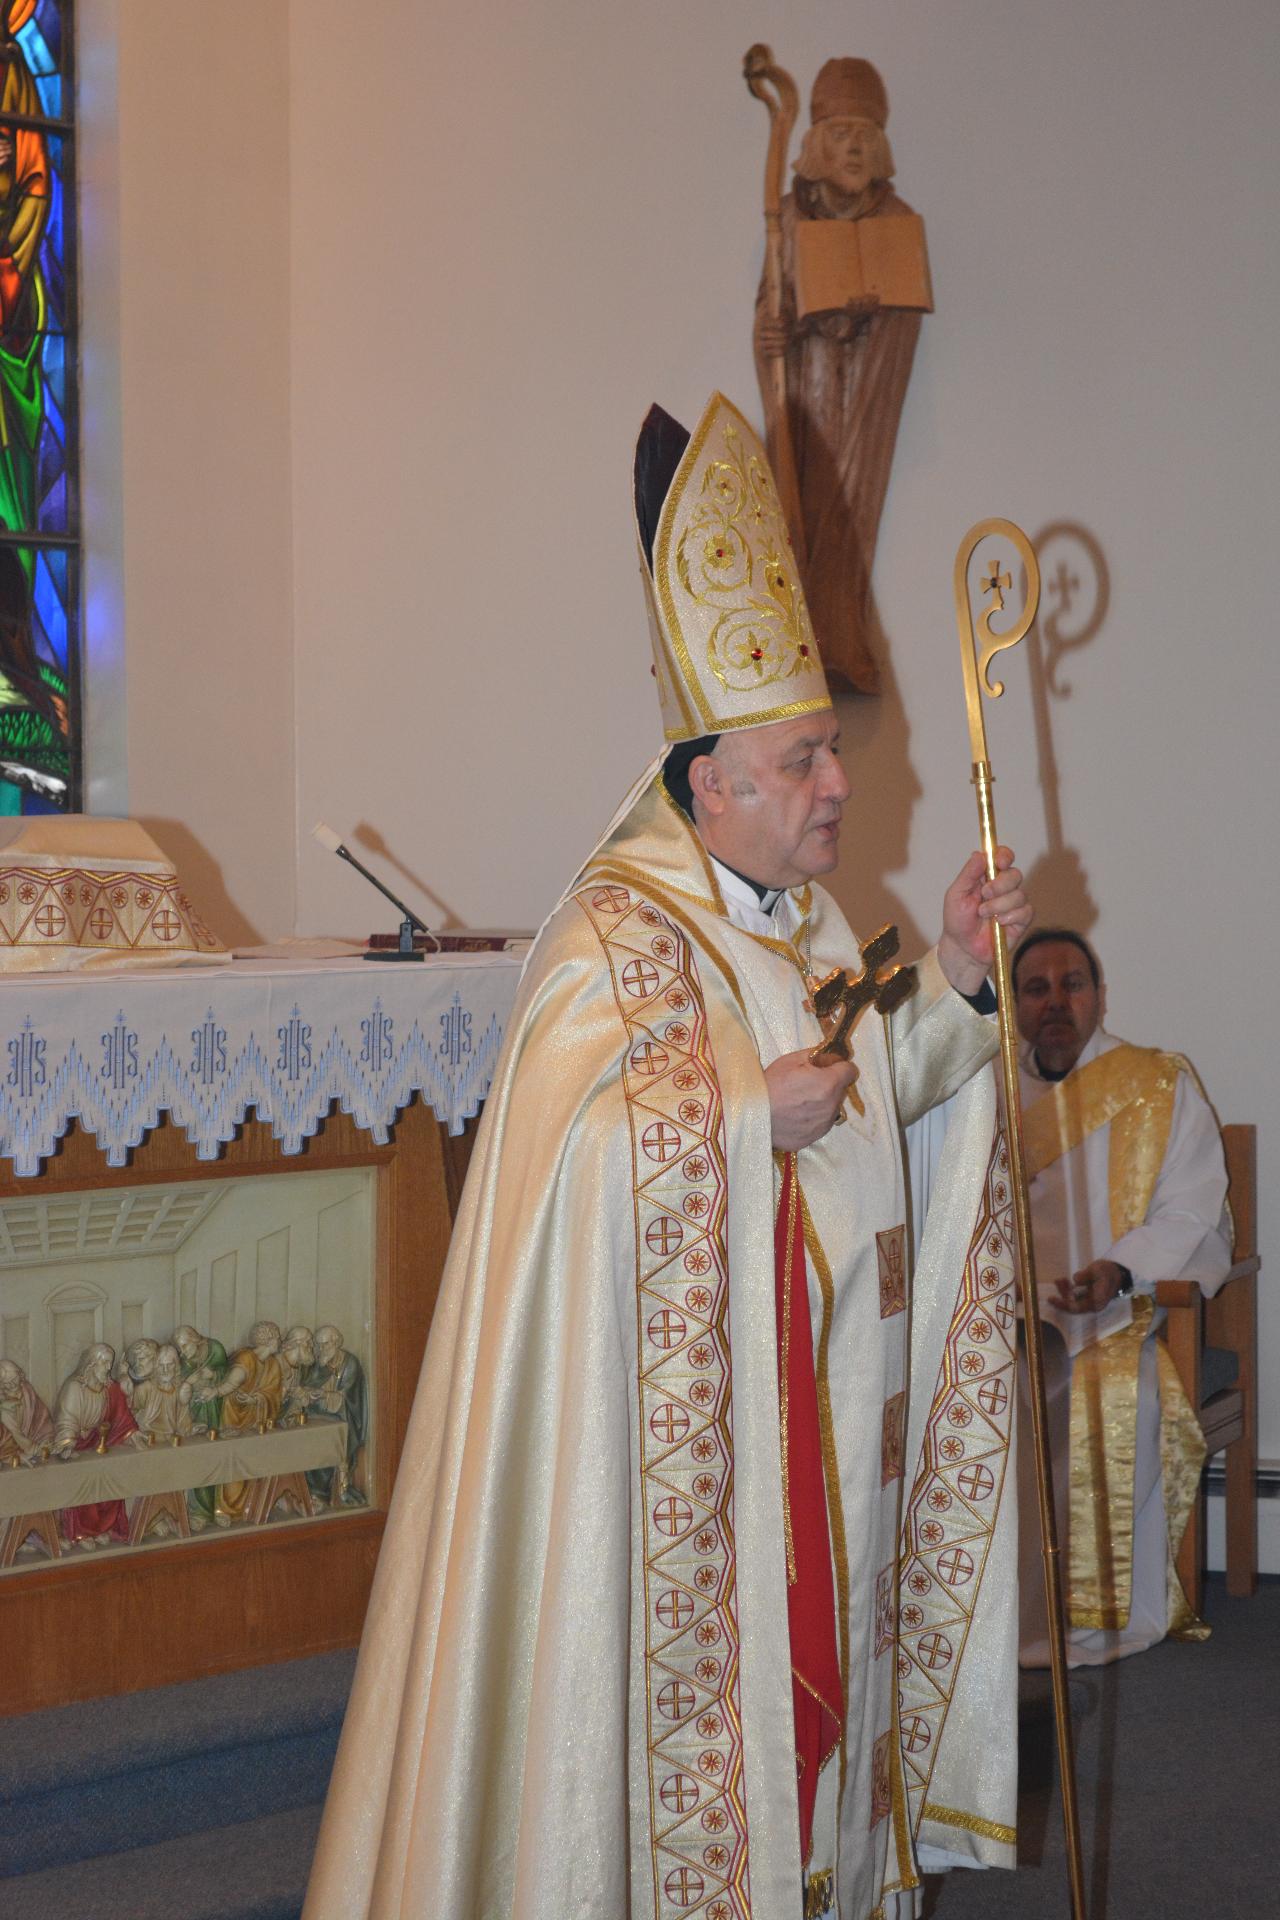 Most Reverend Barnaba Habash